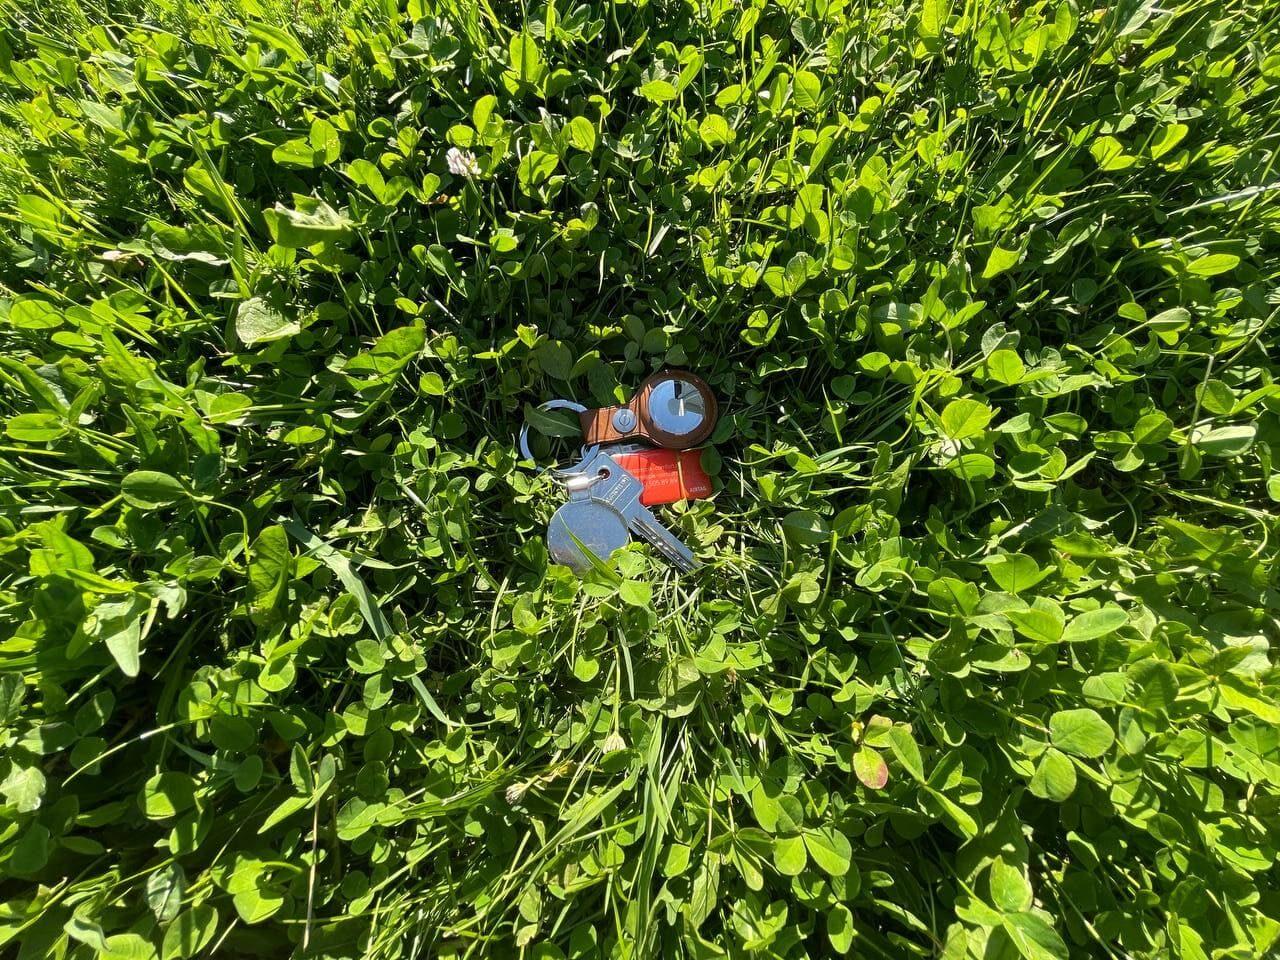 Ключи с Apple AirTag затерялись в траве